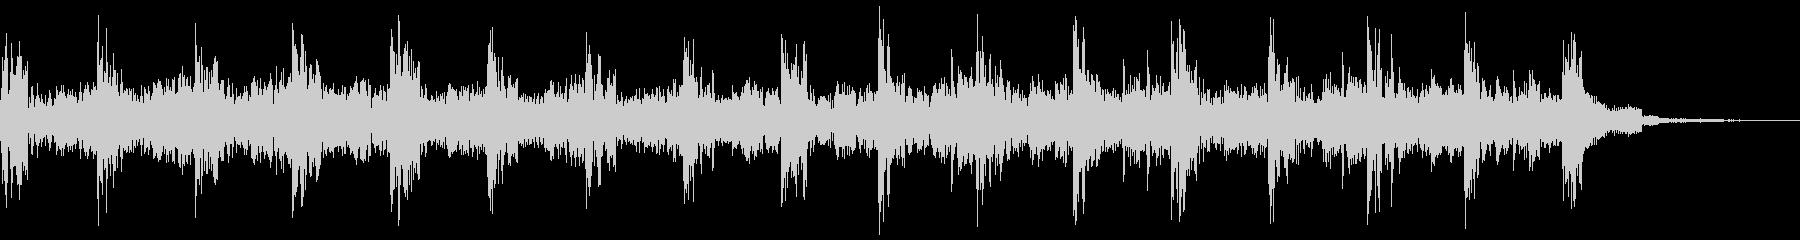 ストロボタグの未再生の波形